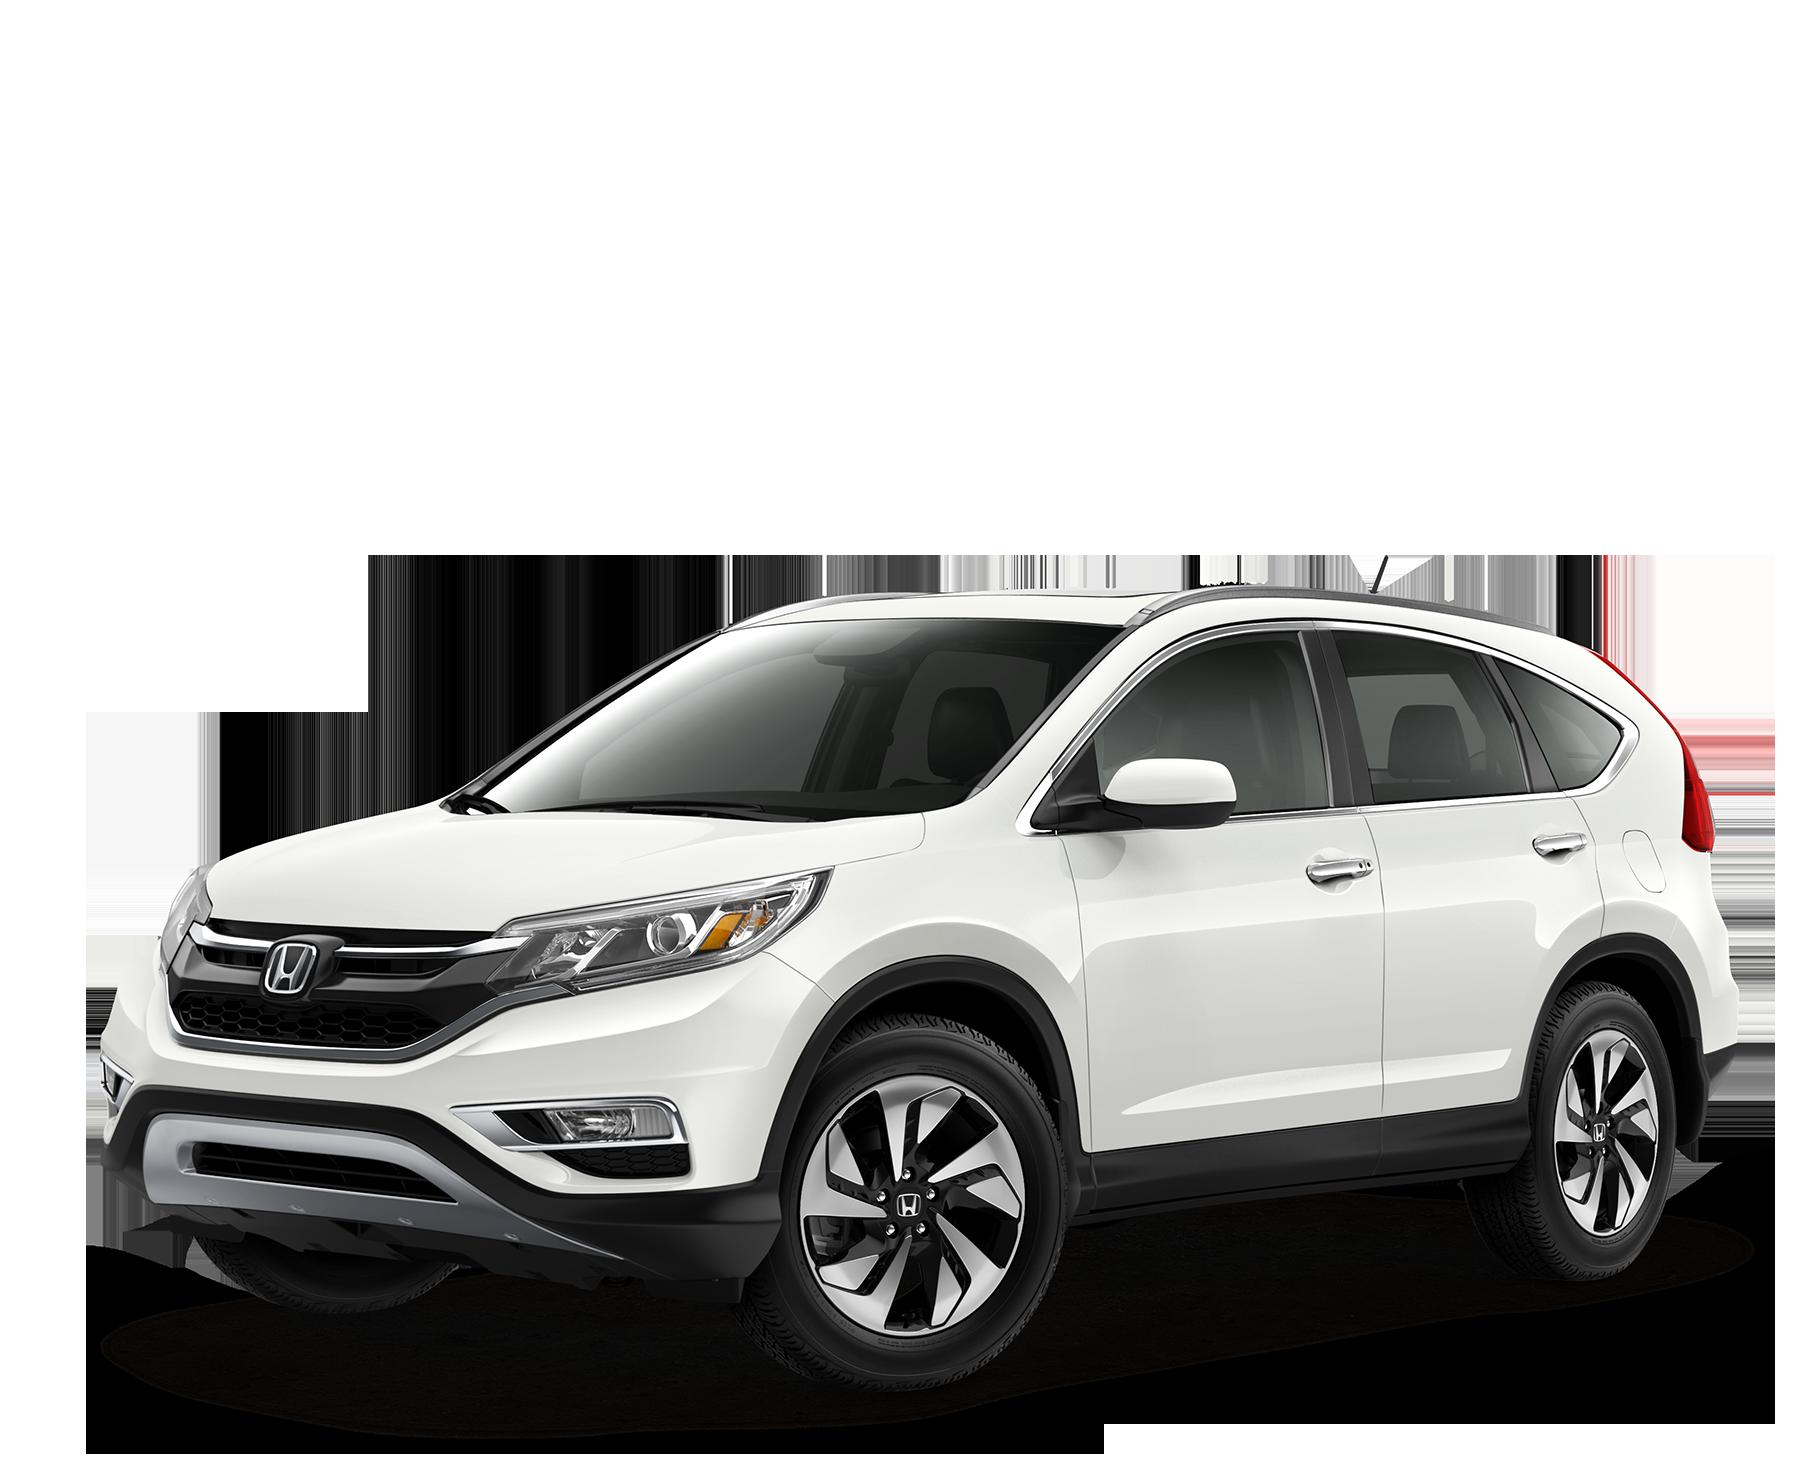 Introducing The New 2015 Honda Cr V Honda Crv Pickering Honda Crv Honda Cr Honda Cars